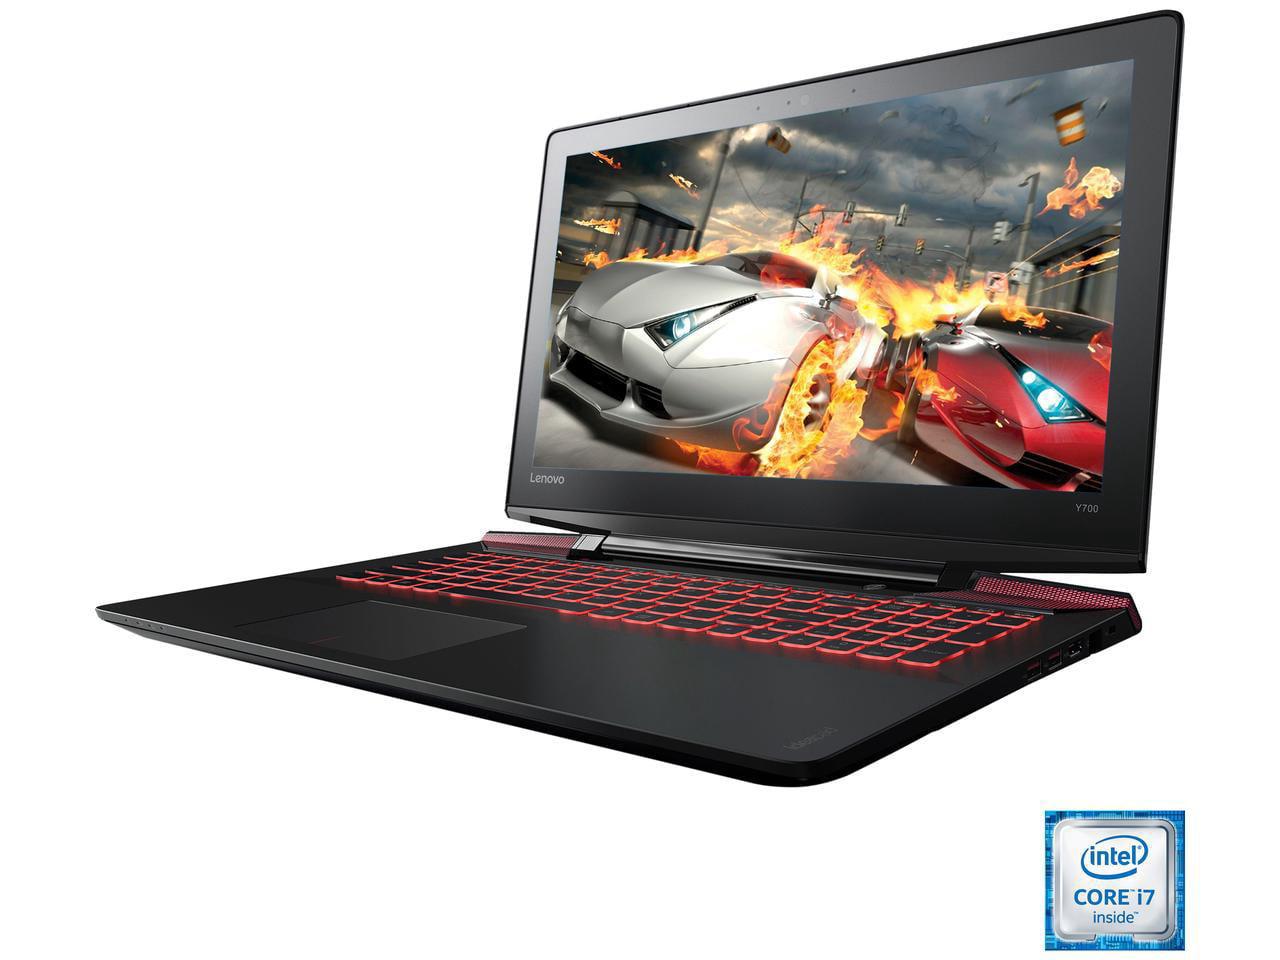 """Lenovo IdeaPad Y700-15ISK (80NV00W4US) 15.6"""" Intel Core i7 6th Gen 6700HQ (2.60 GHz) NVIDIA GeForce GTX... by Lenovo"""